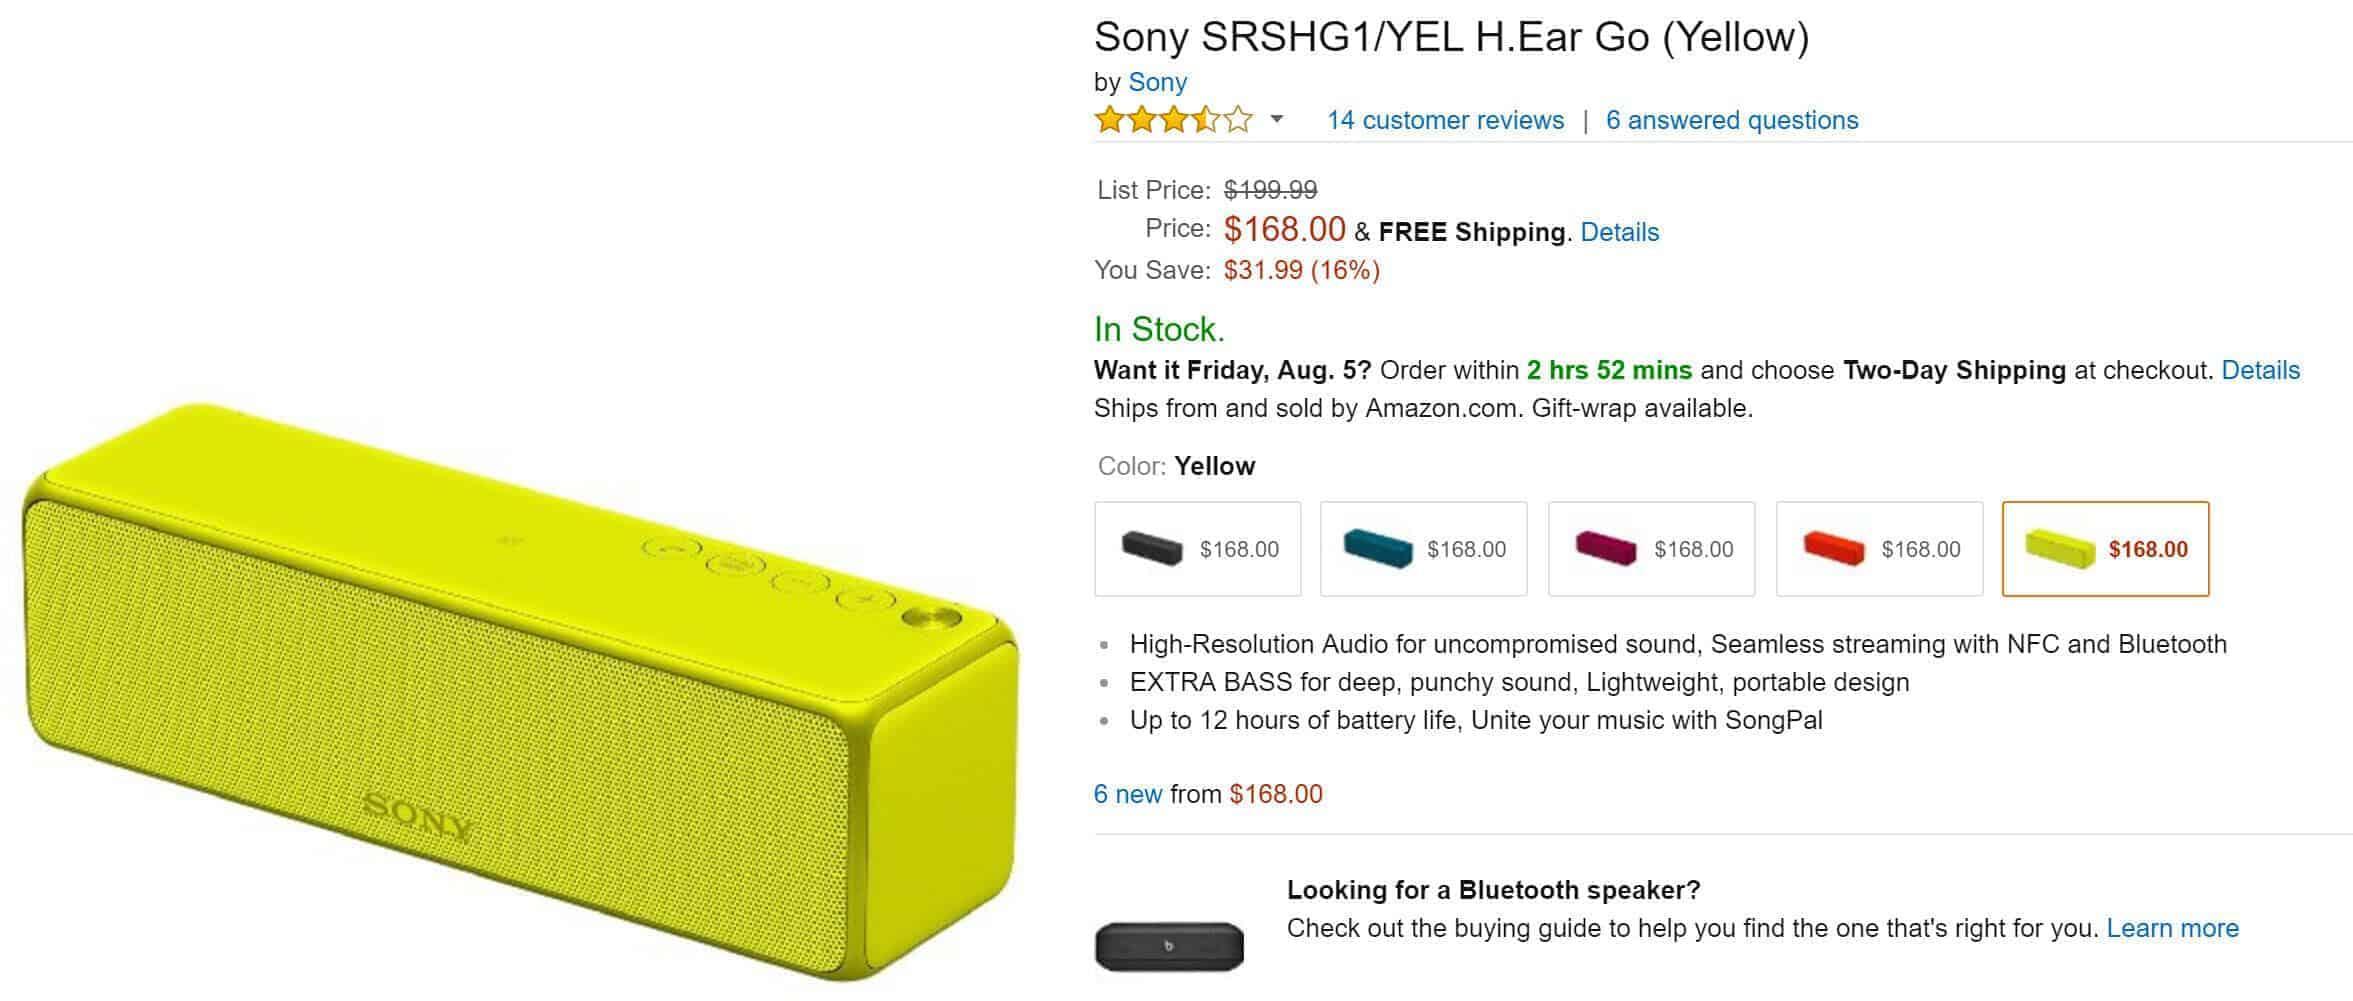 Haut-Parleur Sony sur Amazon.com